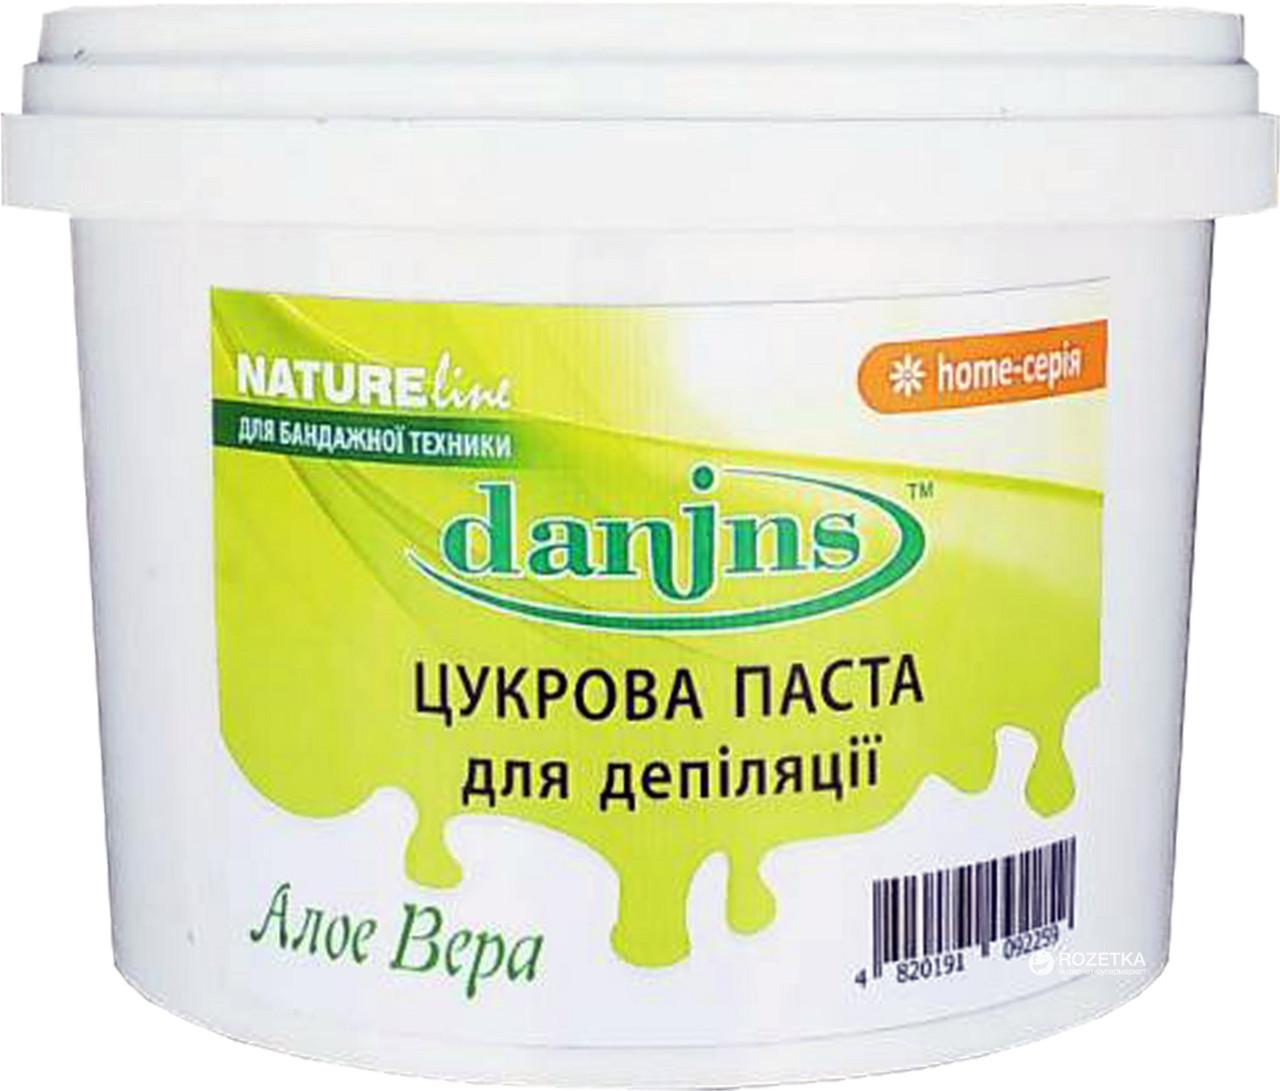 Сахарная паста для депиляции Danins Алое Вера